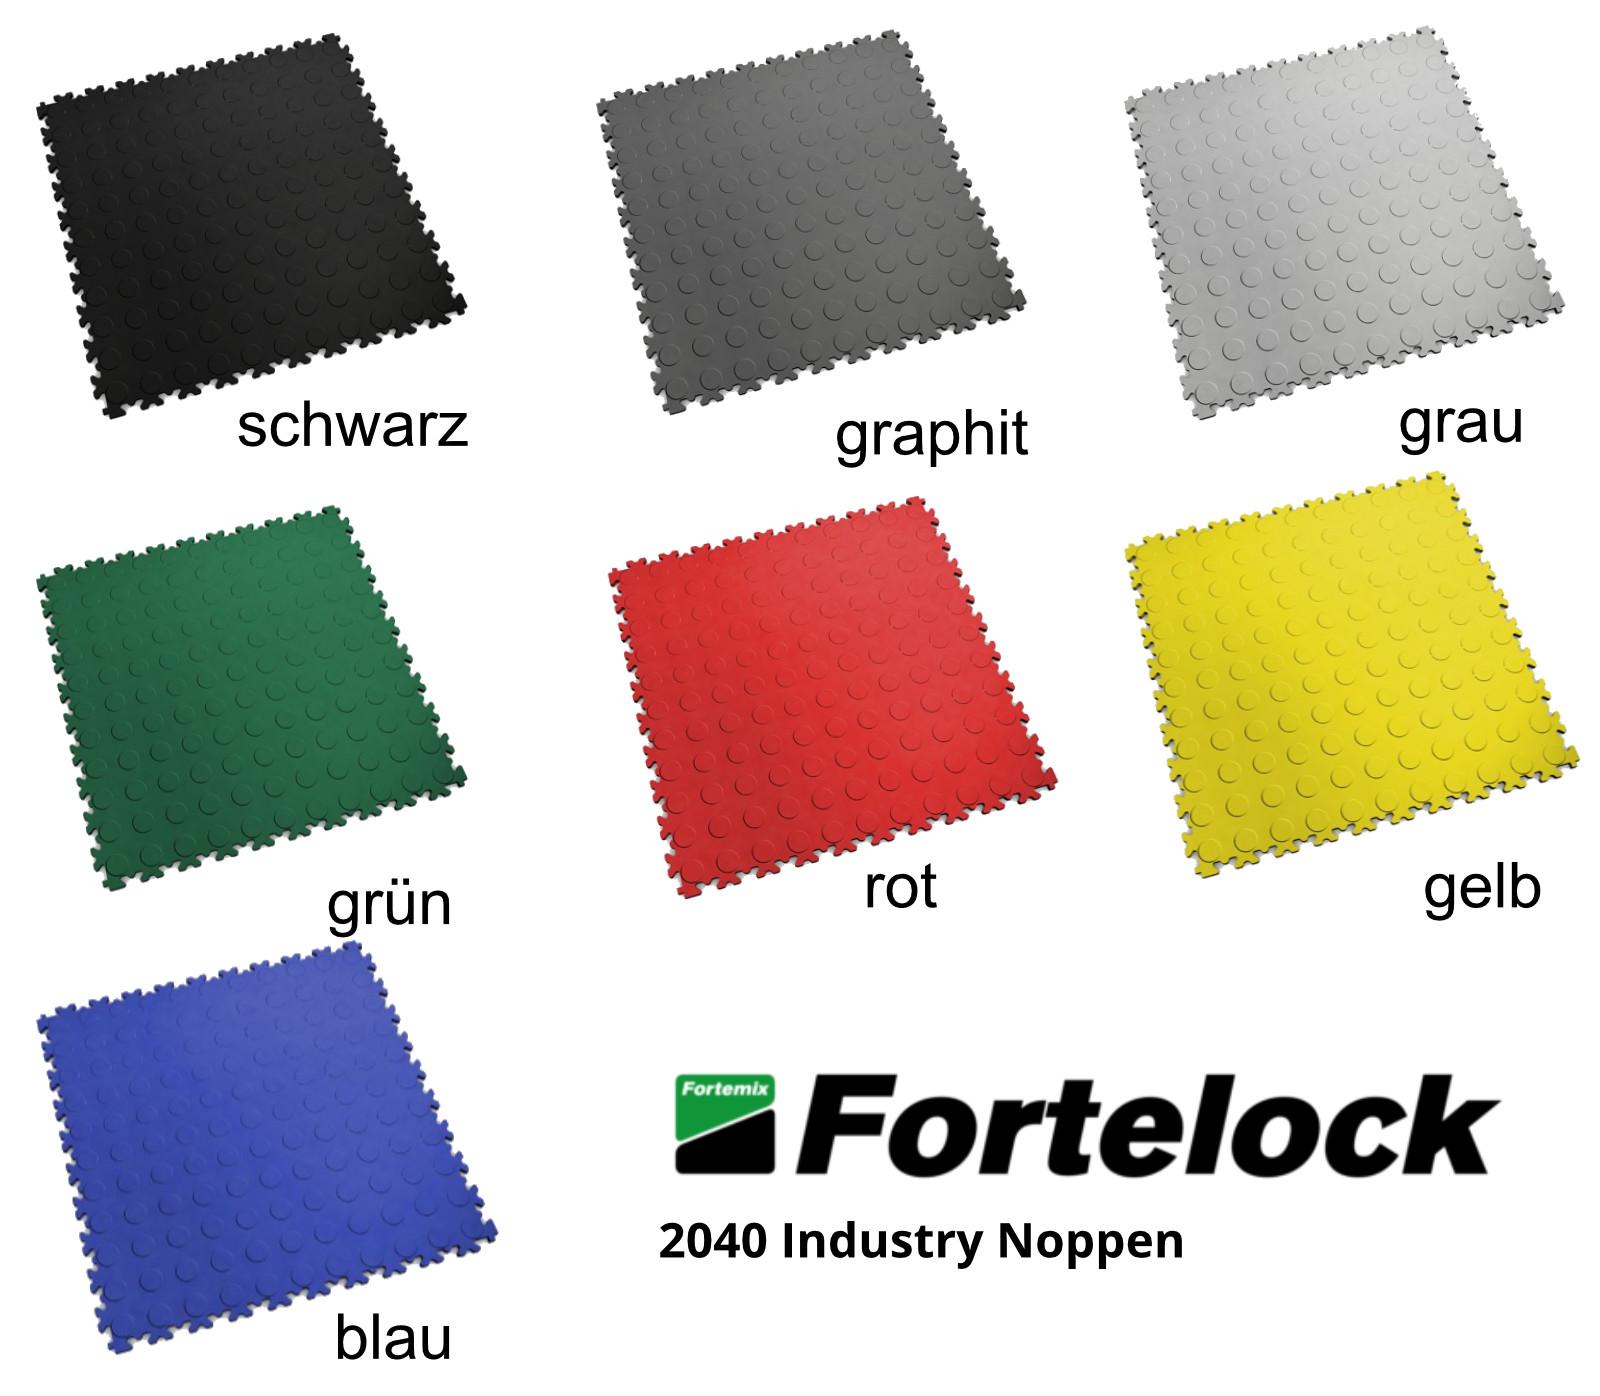 fortelock-industry-2040-noppen